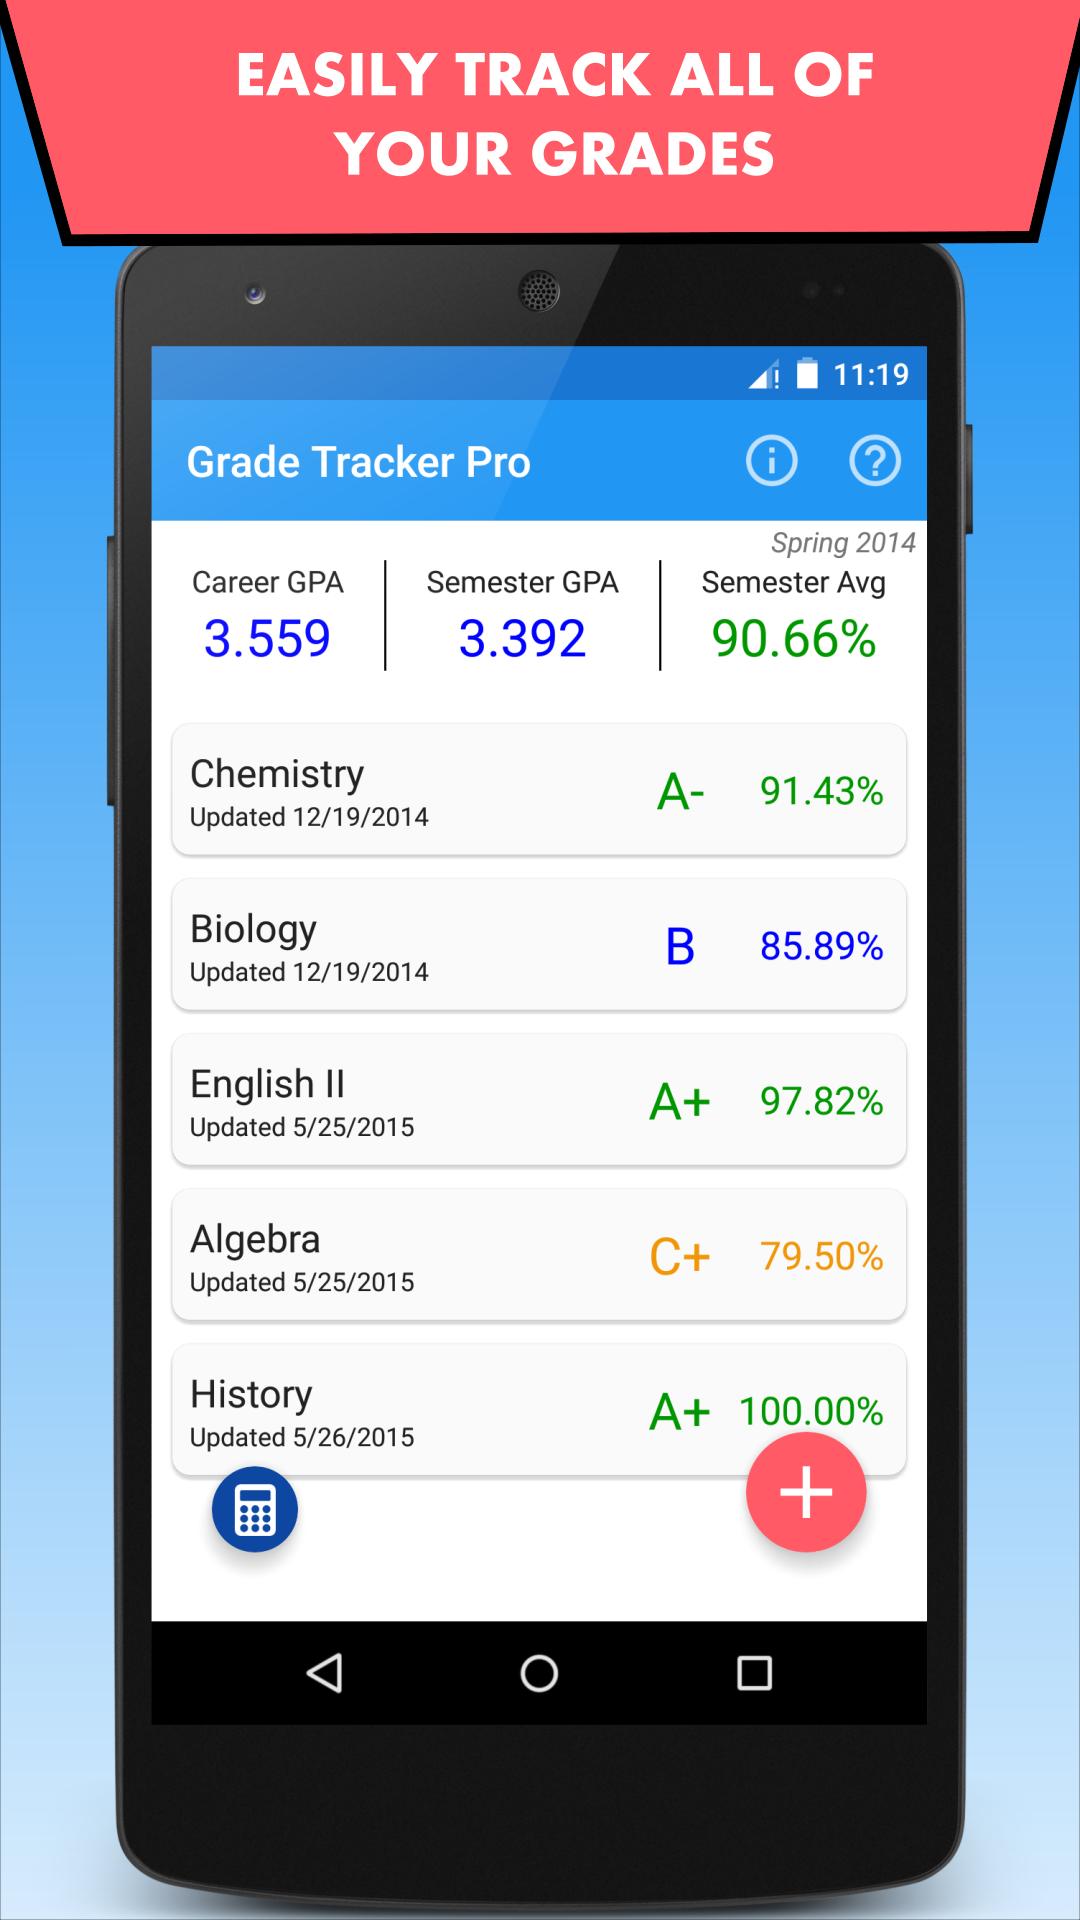 Grade Tracker Pro